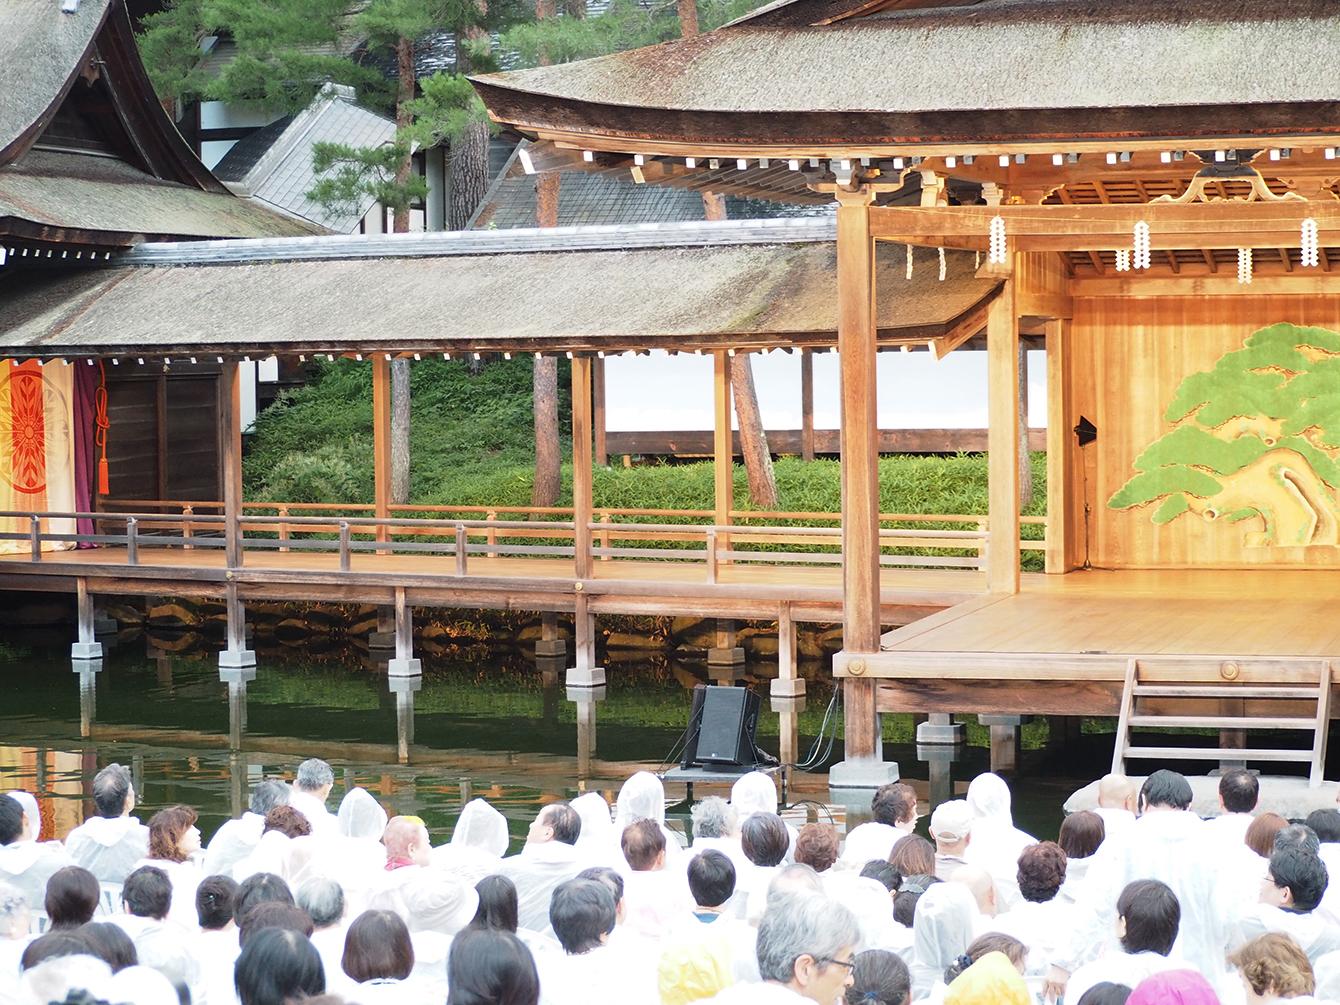 舞台と舞台裏をつなぐ「橋掛り」。写真左のカラフルな幕の奥が舞台裏で、この幕の中でお面を付けるなど、舞台に上がる前の準備を行う。